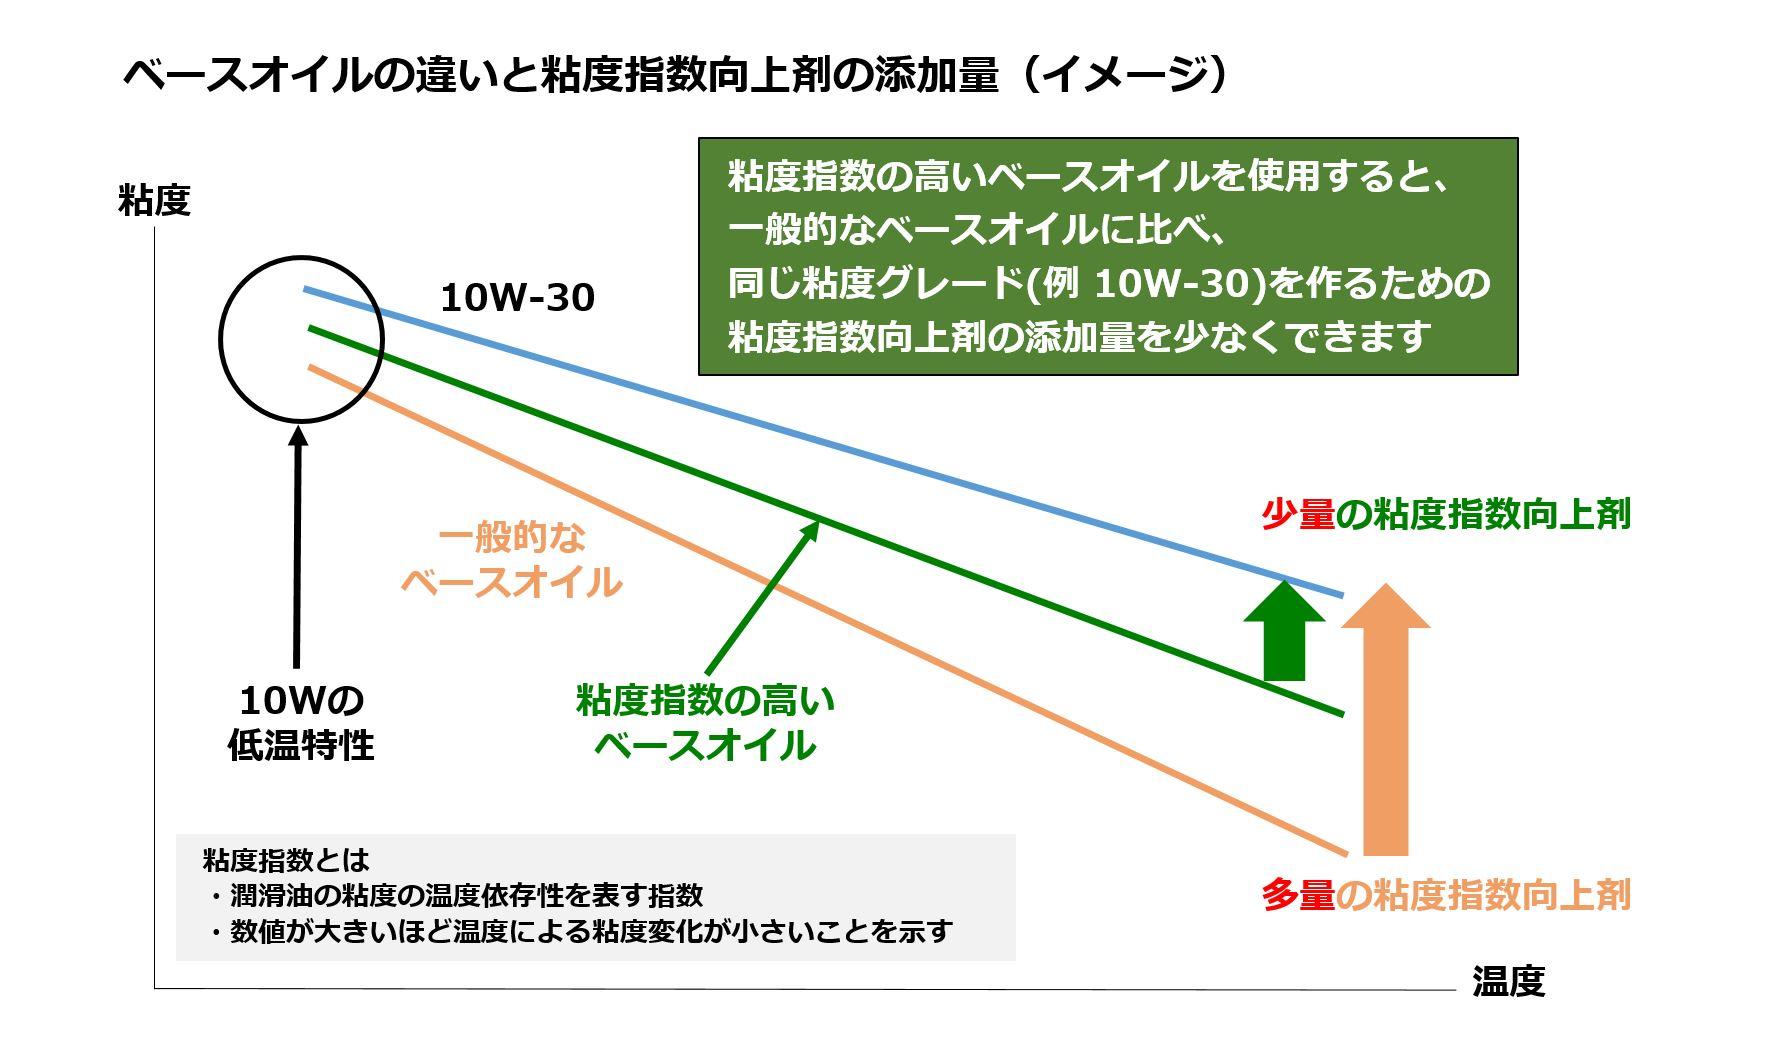 ベースオイルの違いと粘度指数向上剤の添加量のイメージ図です